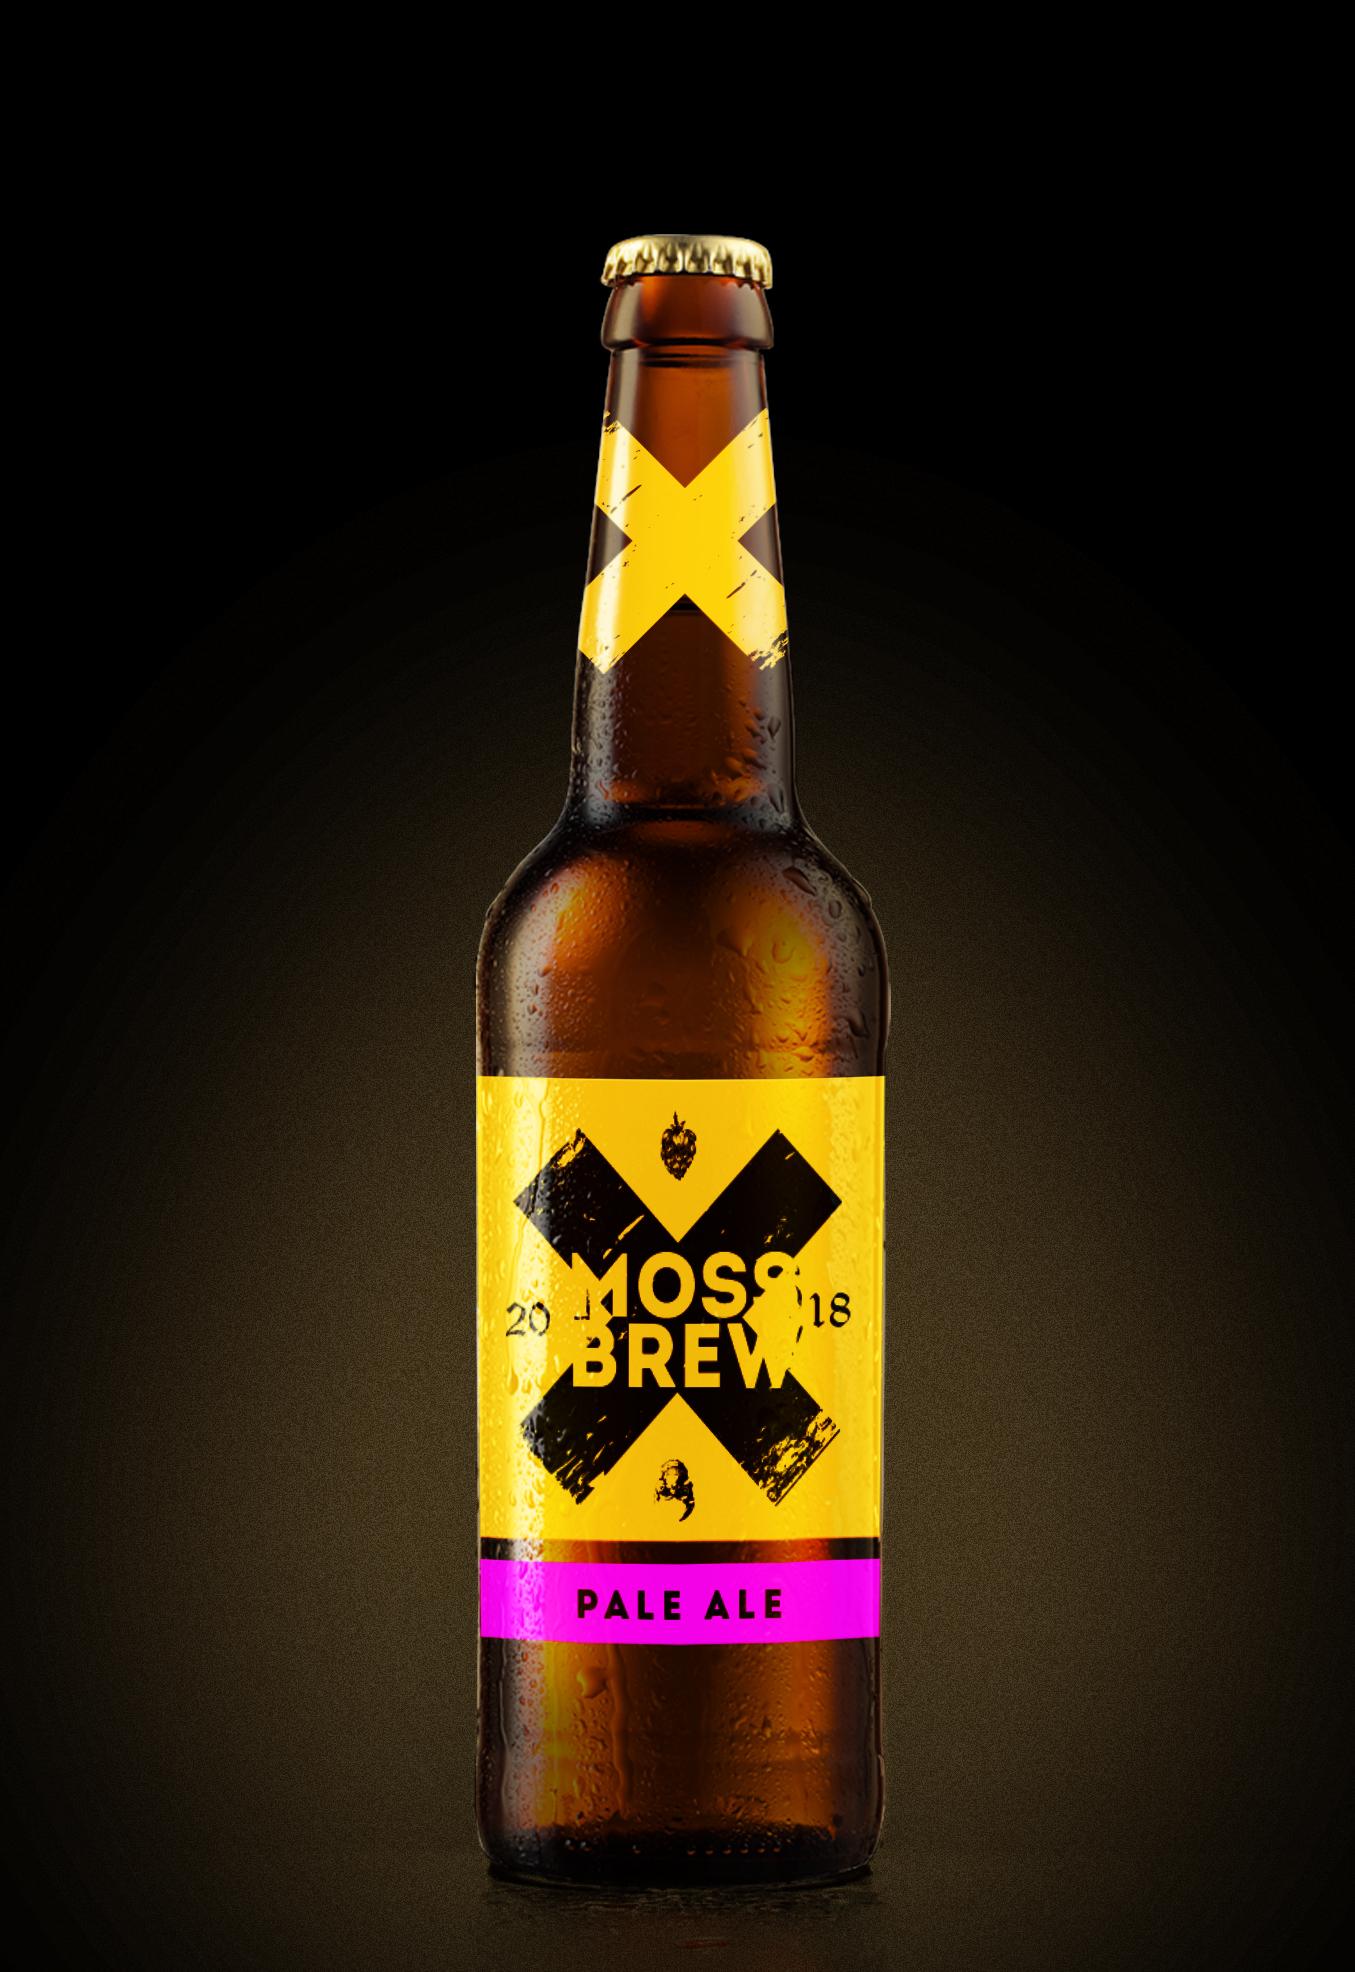 Логотип для пивоварни фото f_282598cb9ad62139.jpg